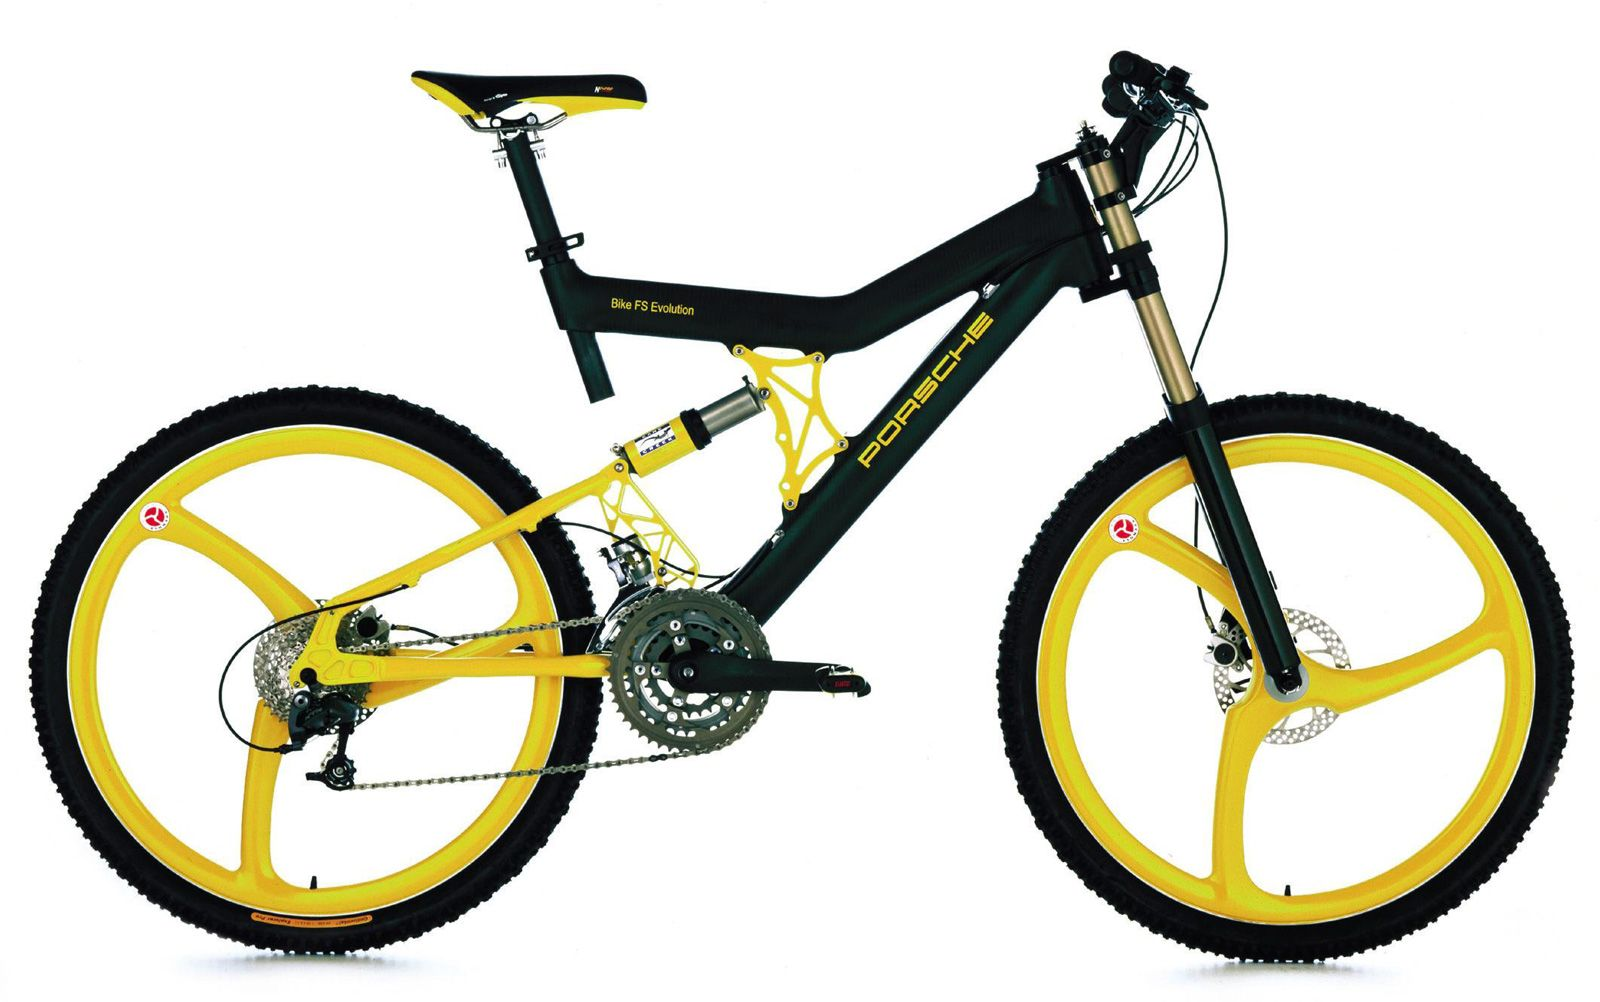 porsche bike fs evolution bicycles pinterest. Black Bedroom Furniture Sets. Home Design Ideas